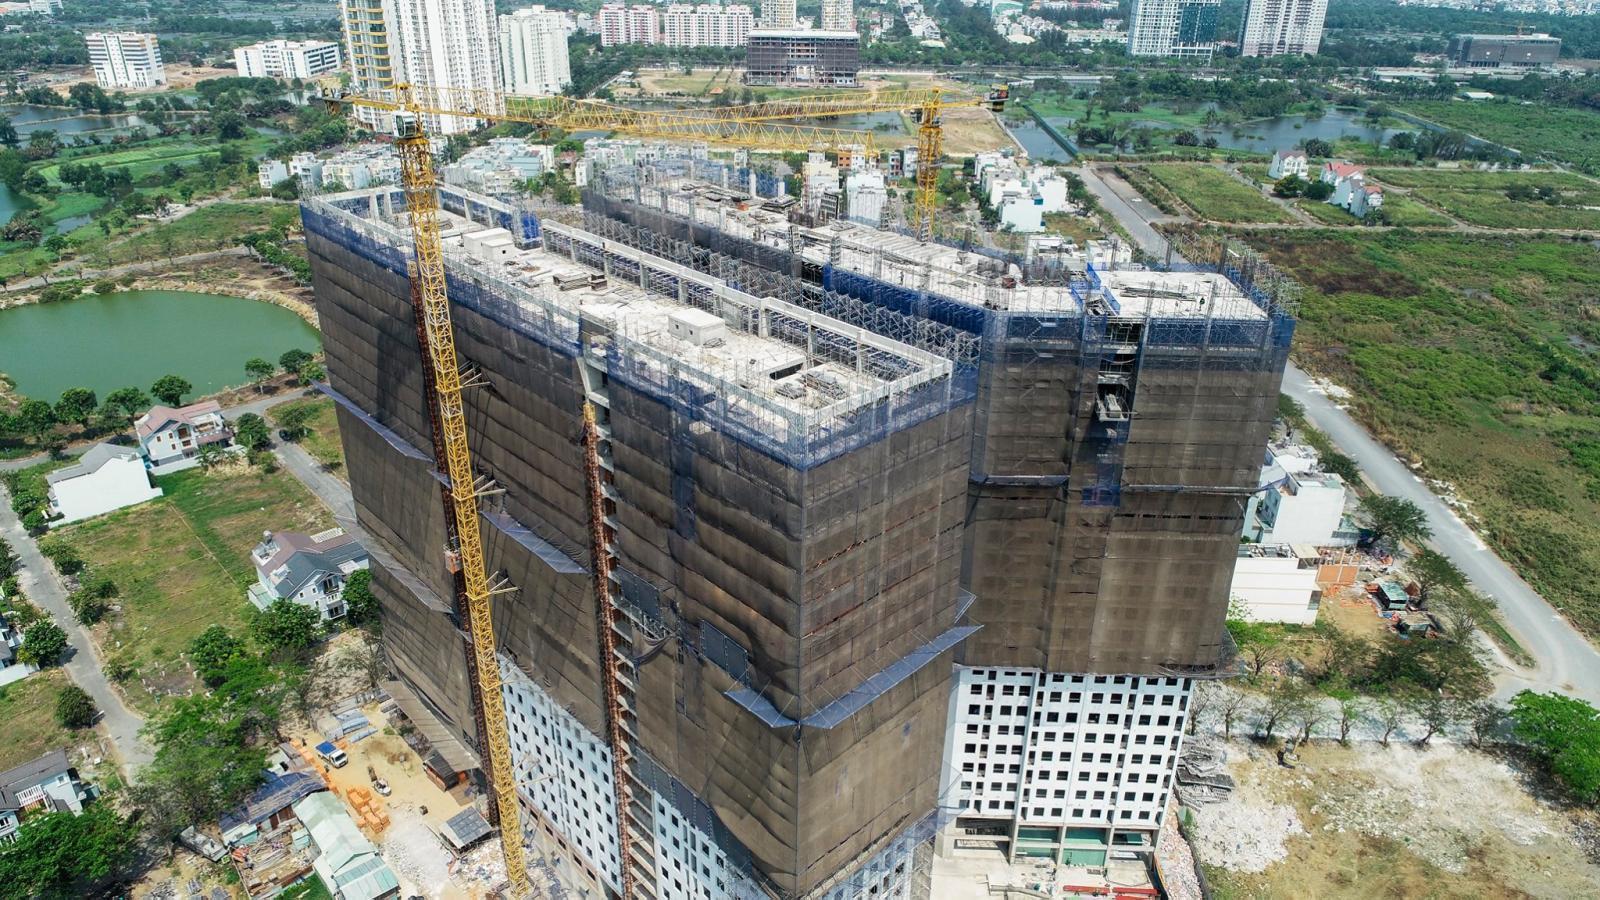 Tòa chung cư cao tầng đang xây dựng, bọc lưới bảo vệ màu xám bên ngoài.